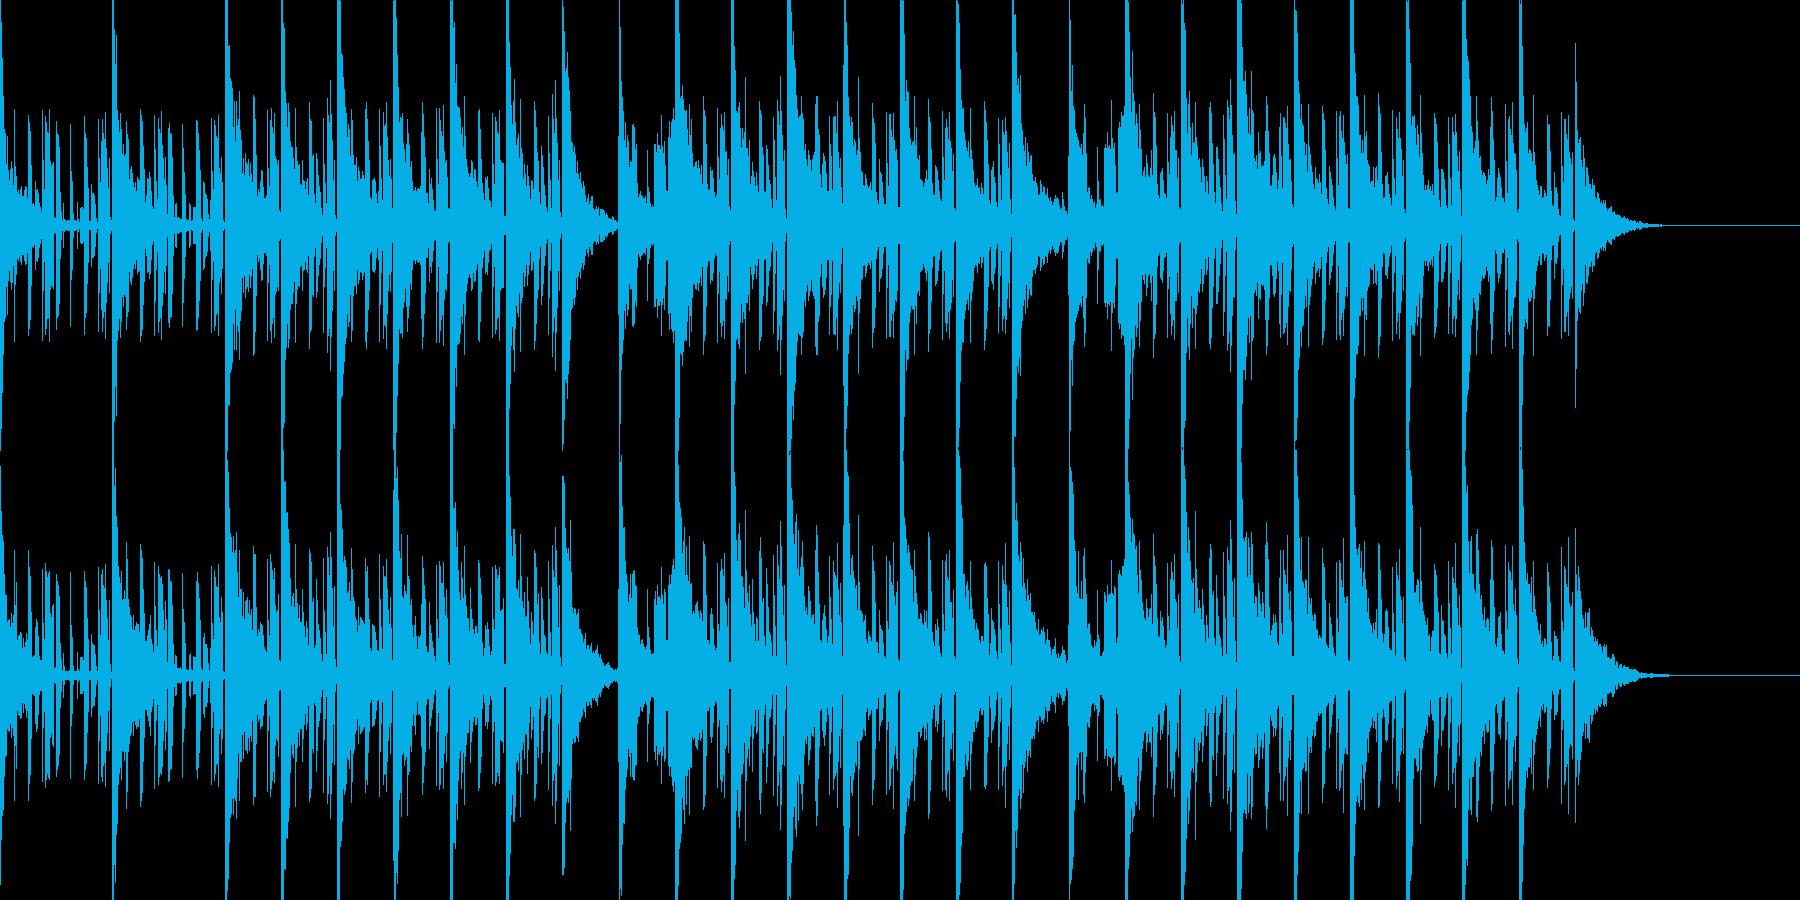 スペイシーで切ないエレクトロニカビートの再生済みの波形